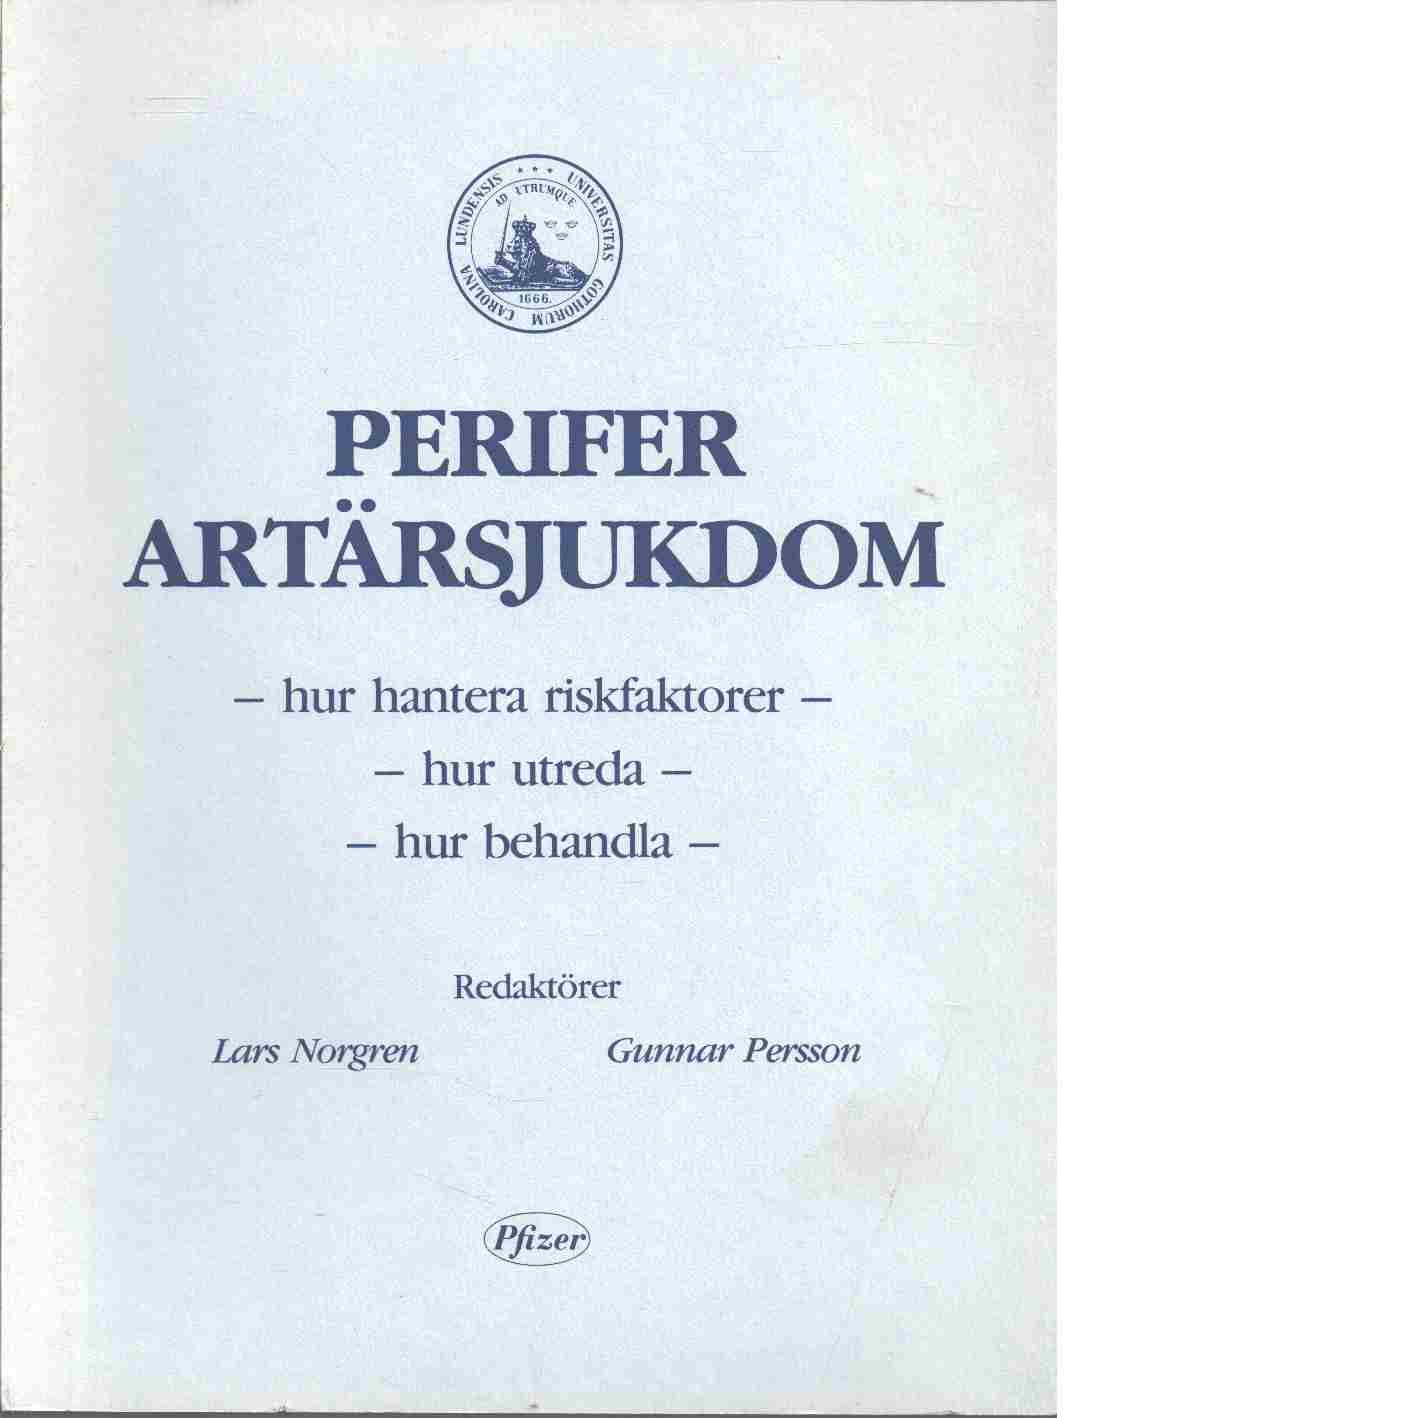 Perifer artärsjukdom - Red. Persson, Gunnar och Norgren, Lars